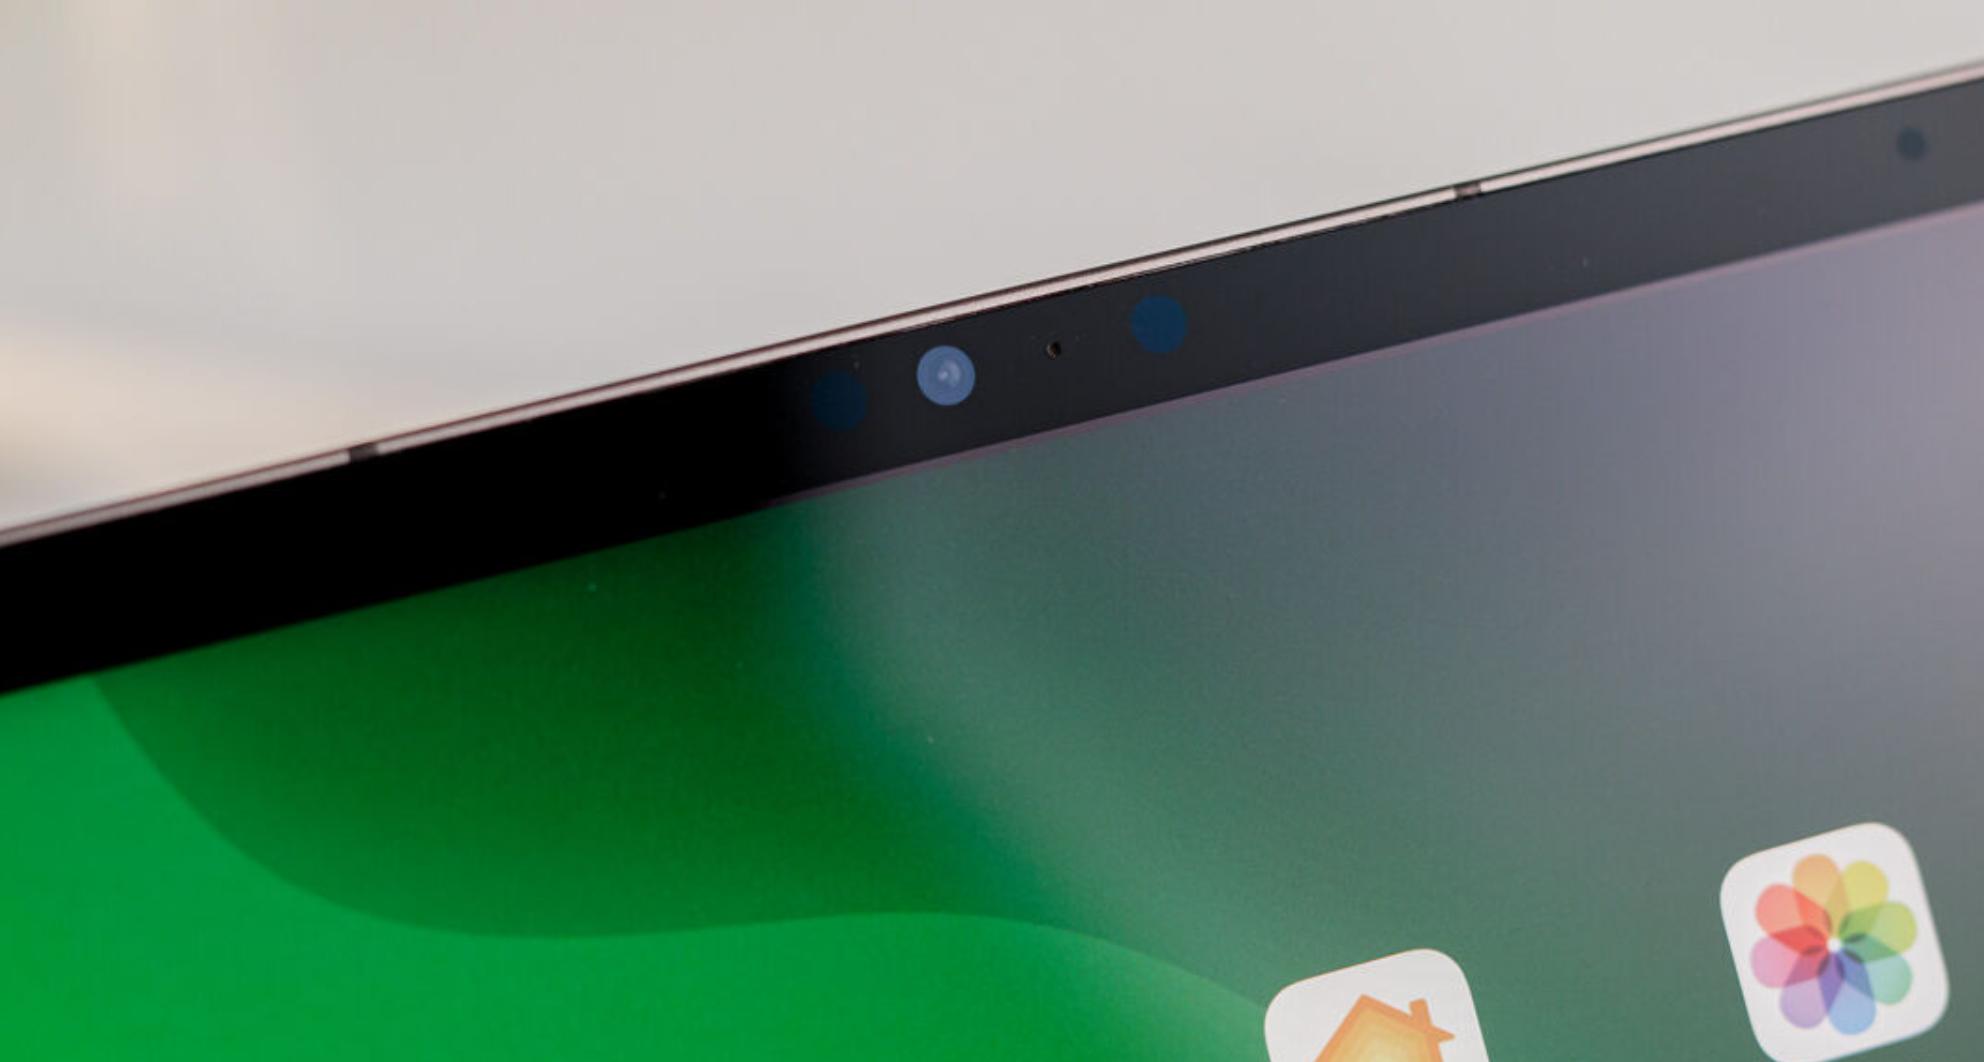 围观!Apple iPad Pro 12.9 (2021) 评测:追求极致影院的巅峰之作